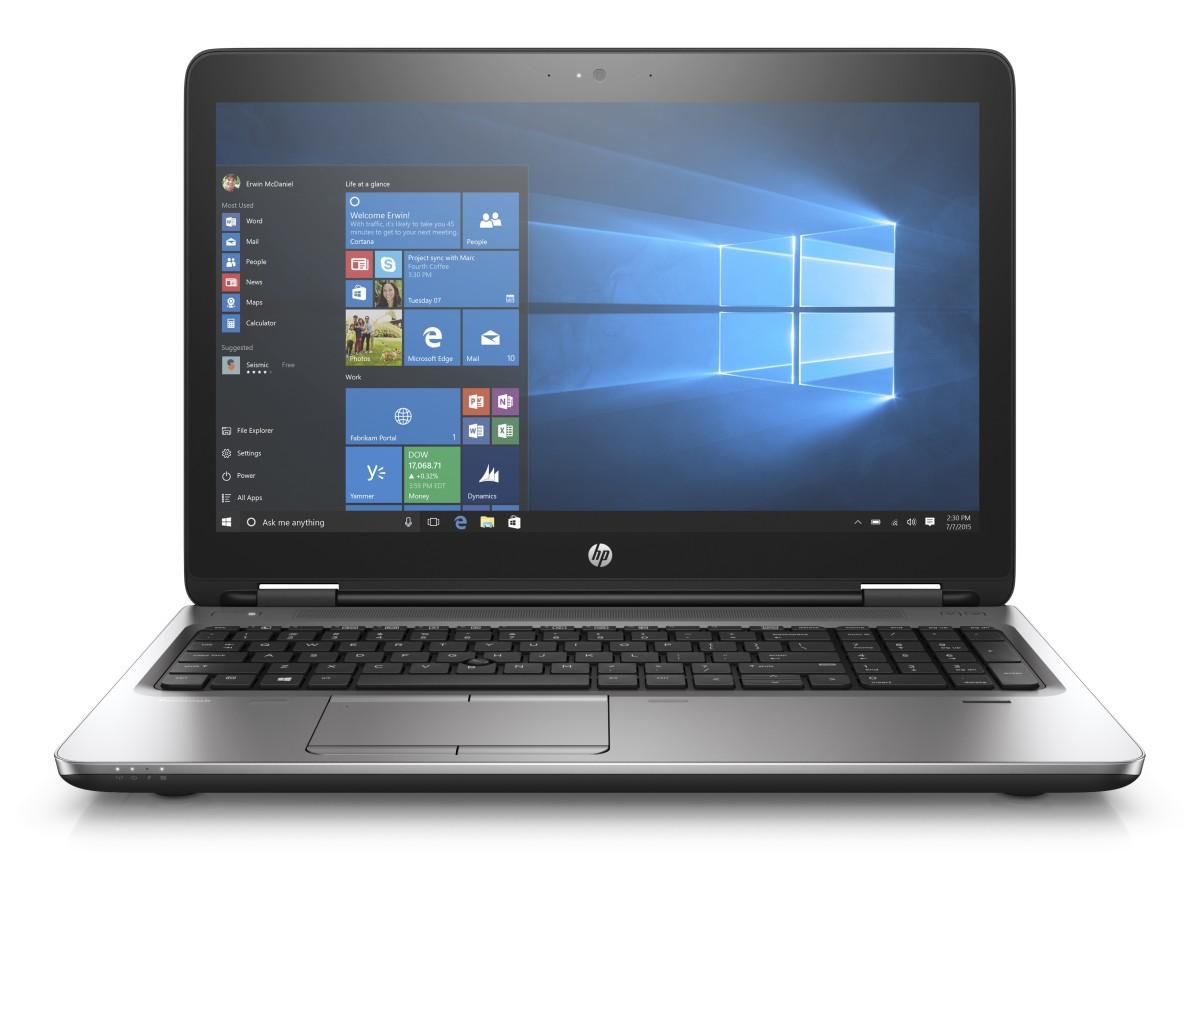 HP ProBook 650 G3 i5-7200U / 8GB / 256GB SSD TurboG2 / 15,6'' FHD / Win 10 Pro